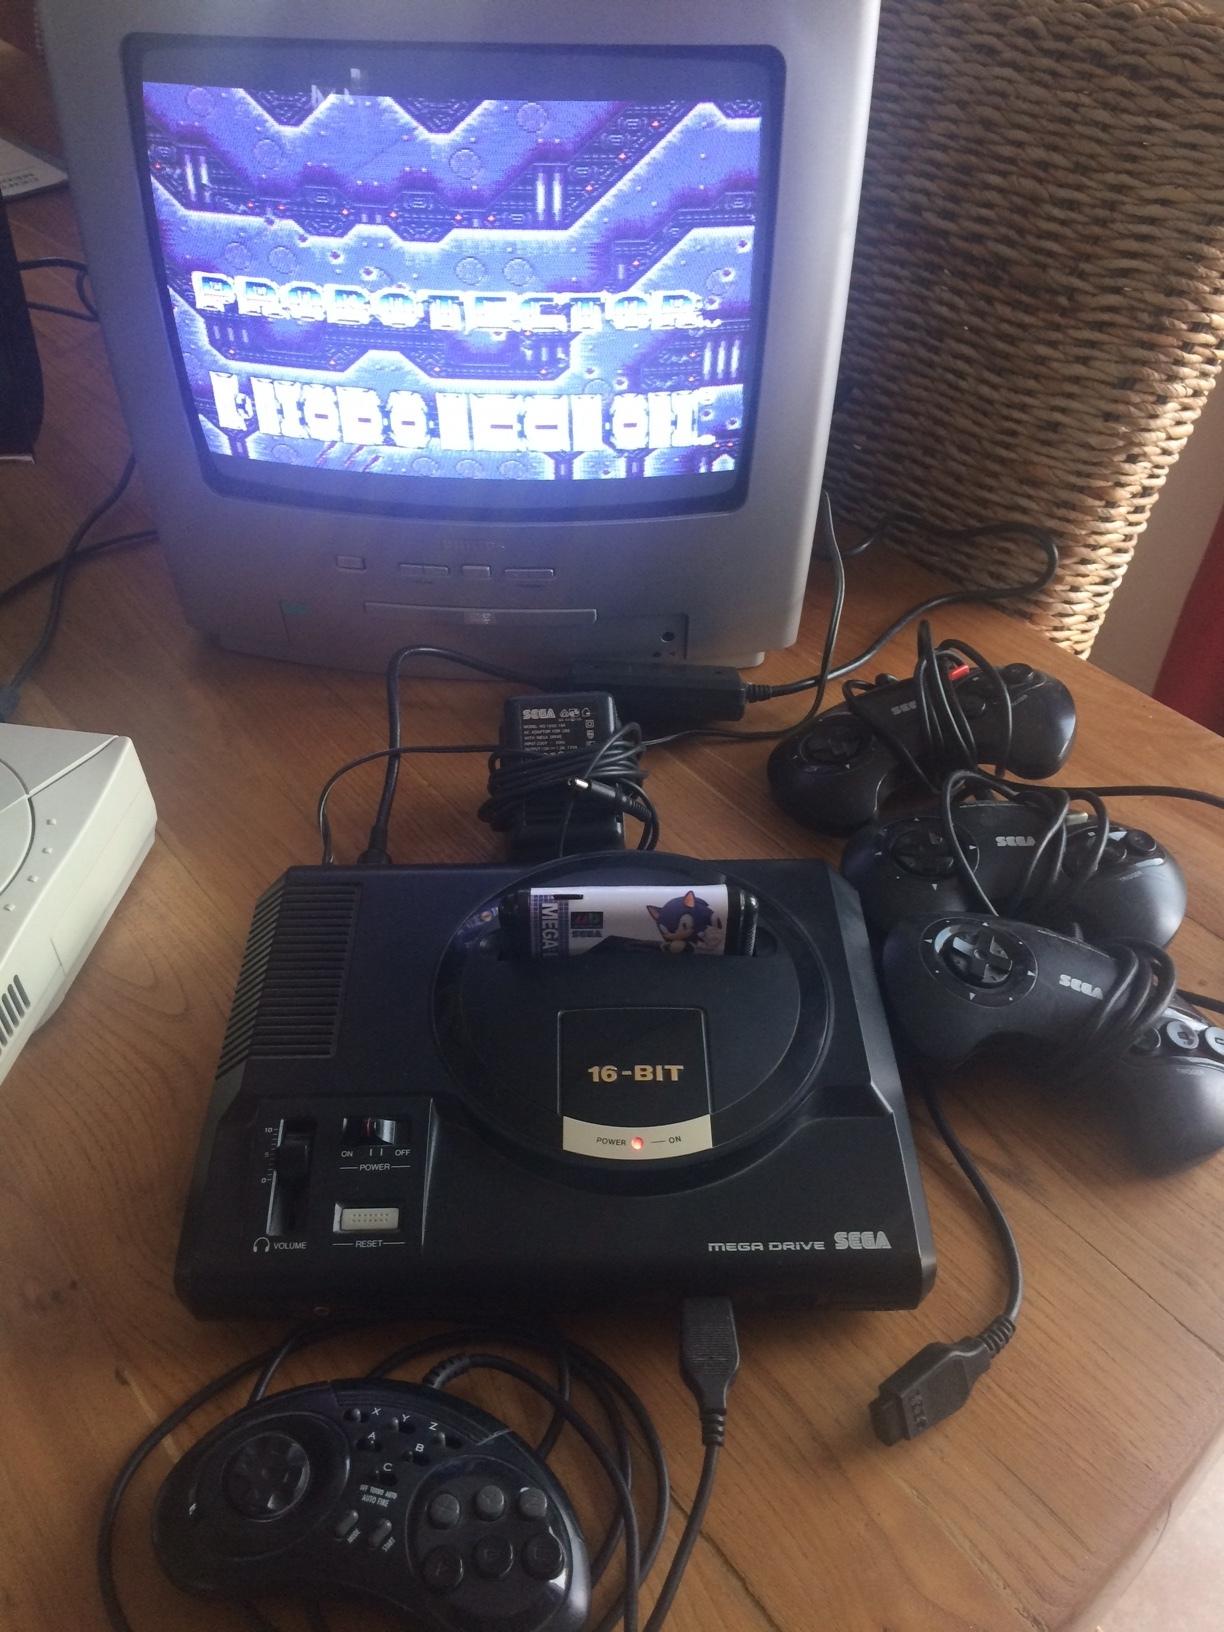 [VDS] Sega megadrive 1 + 4 manettes + 2 alimentations + .... 18101209451412153